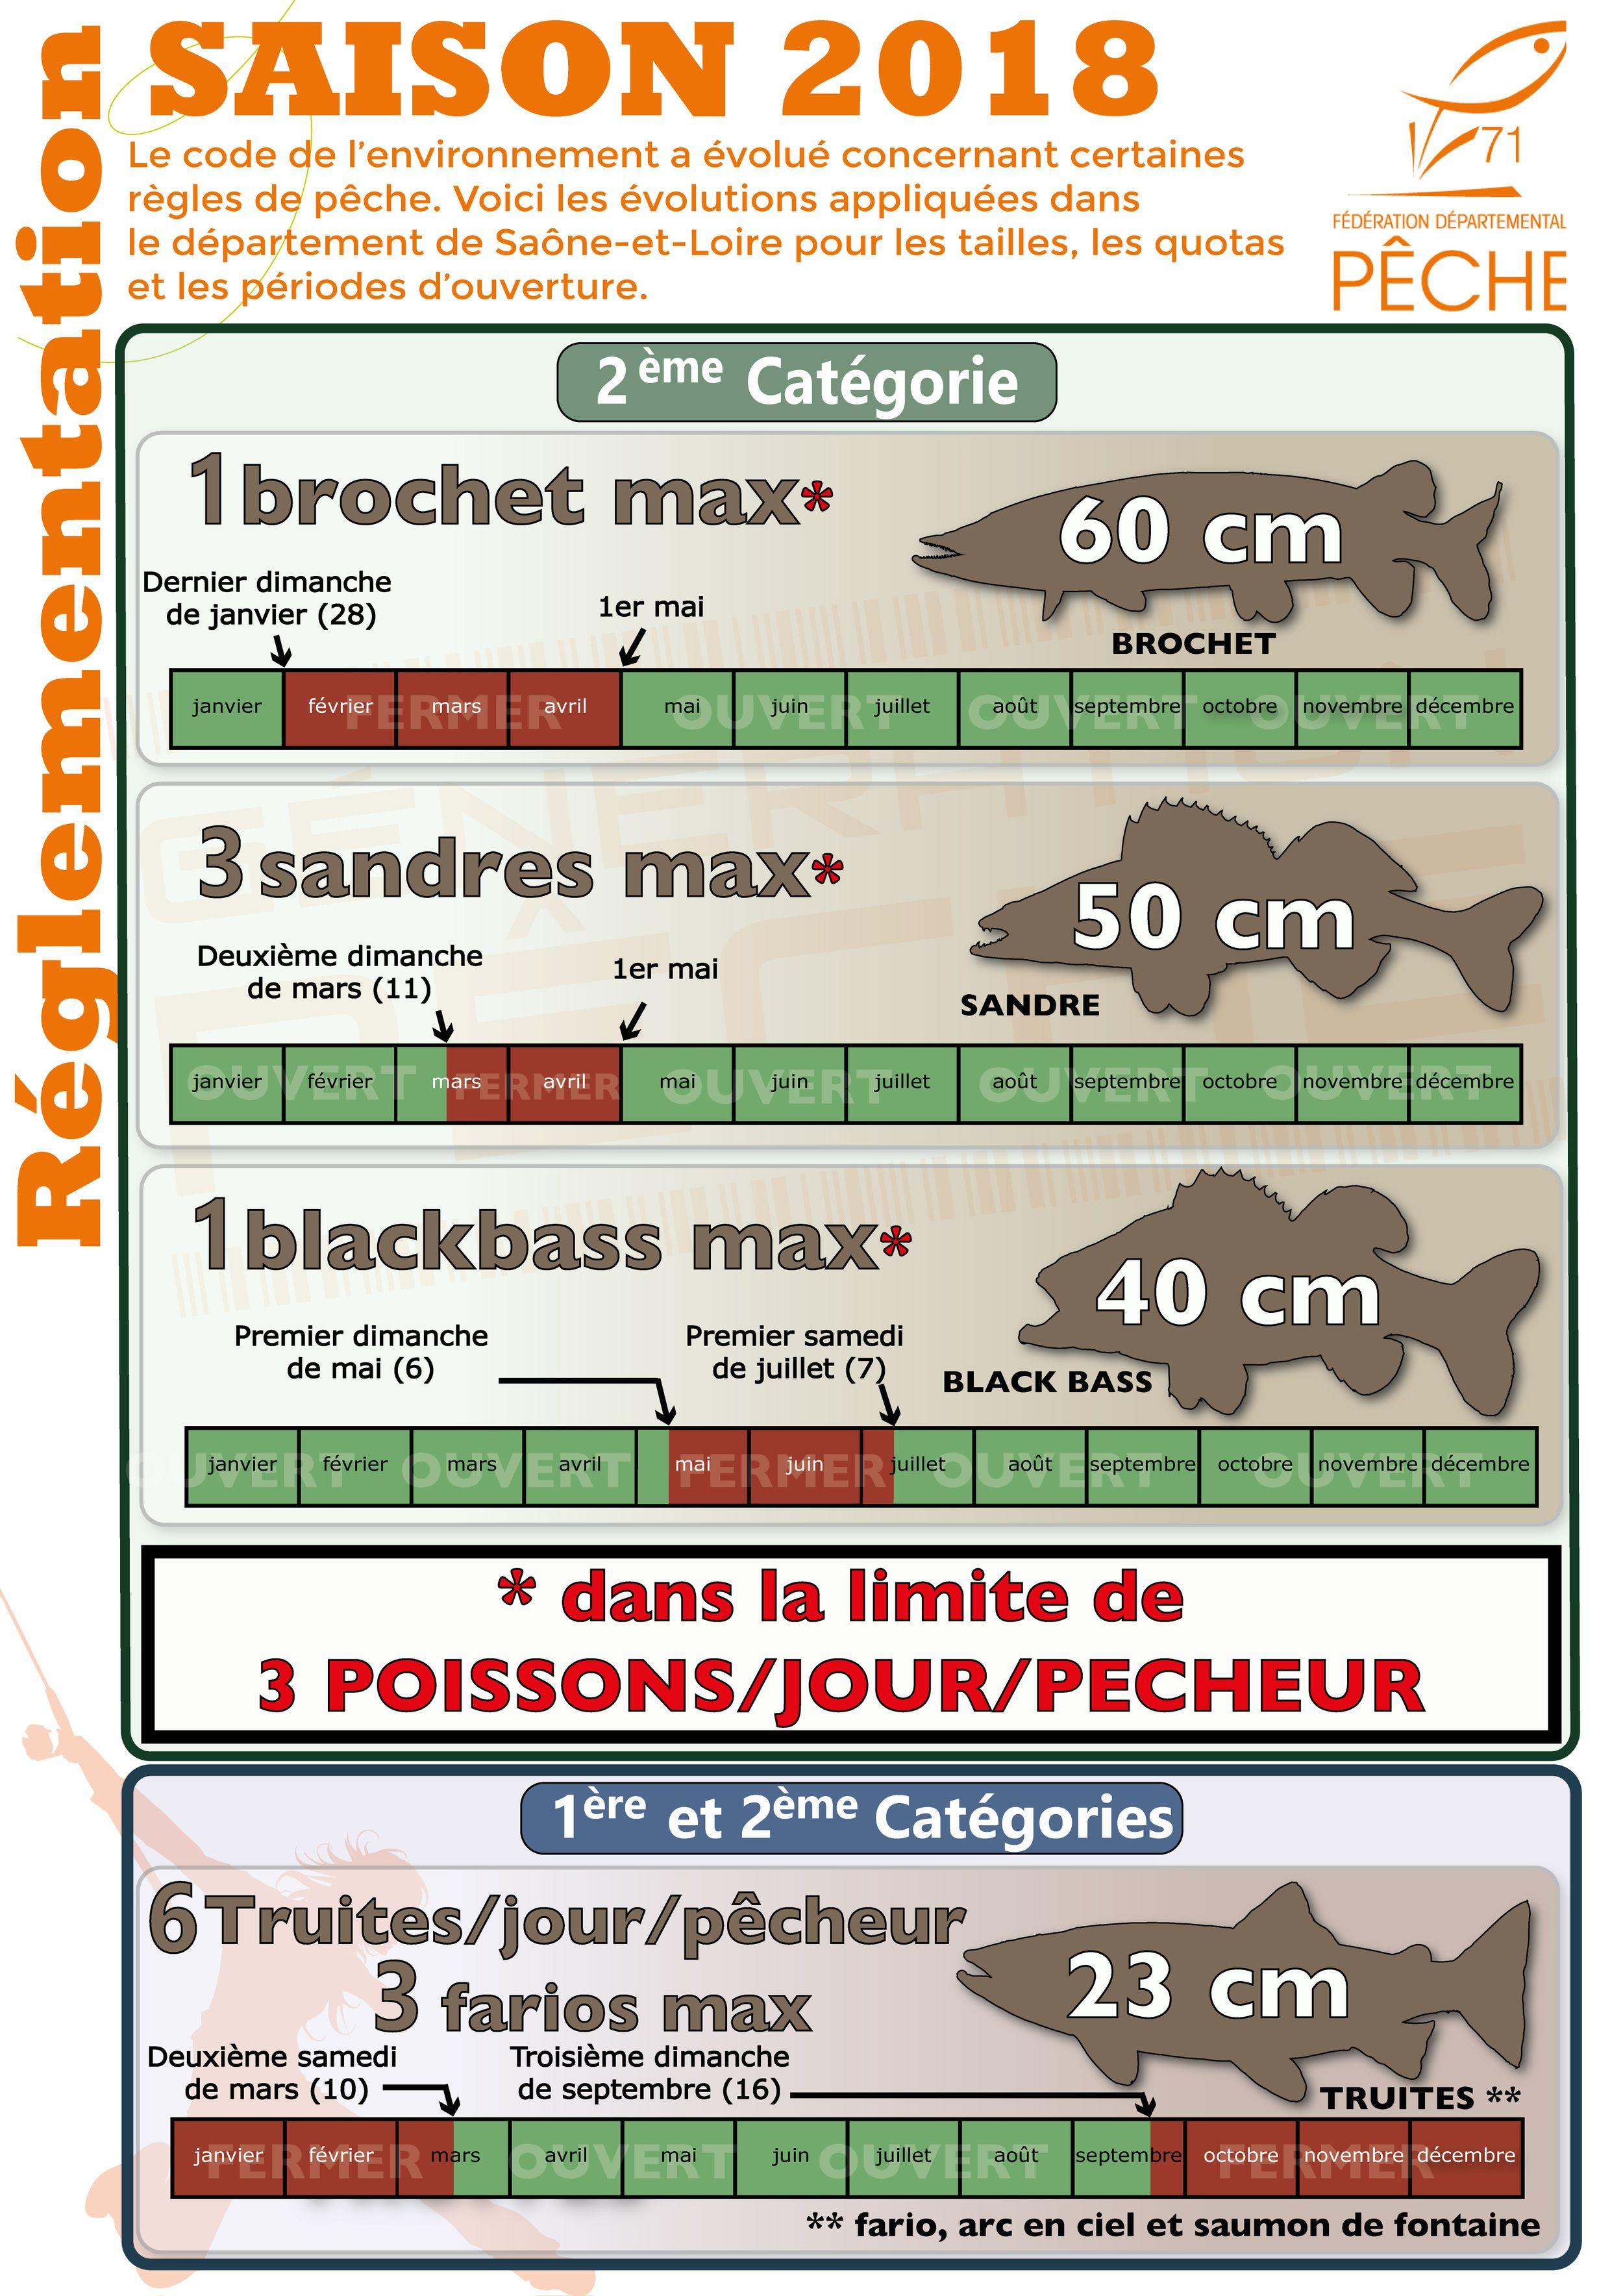 Affiche pêche carnassier en Saône-et-Loire - année 2018.